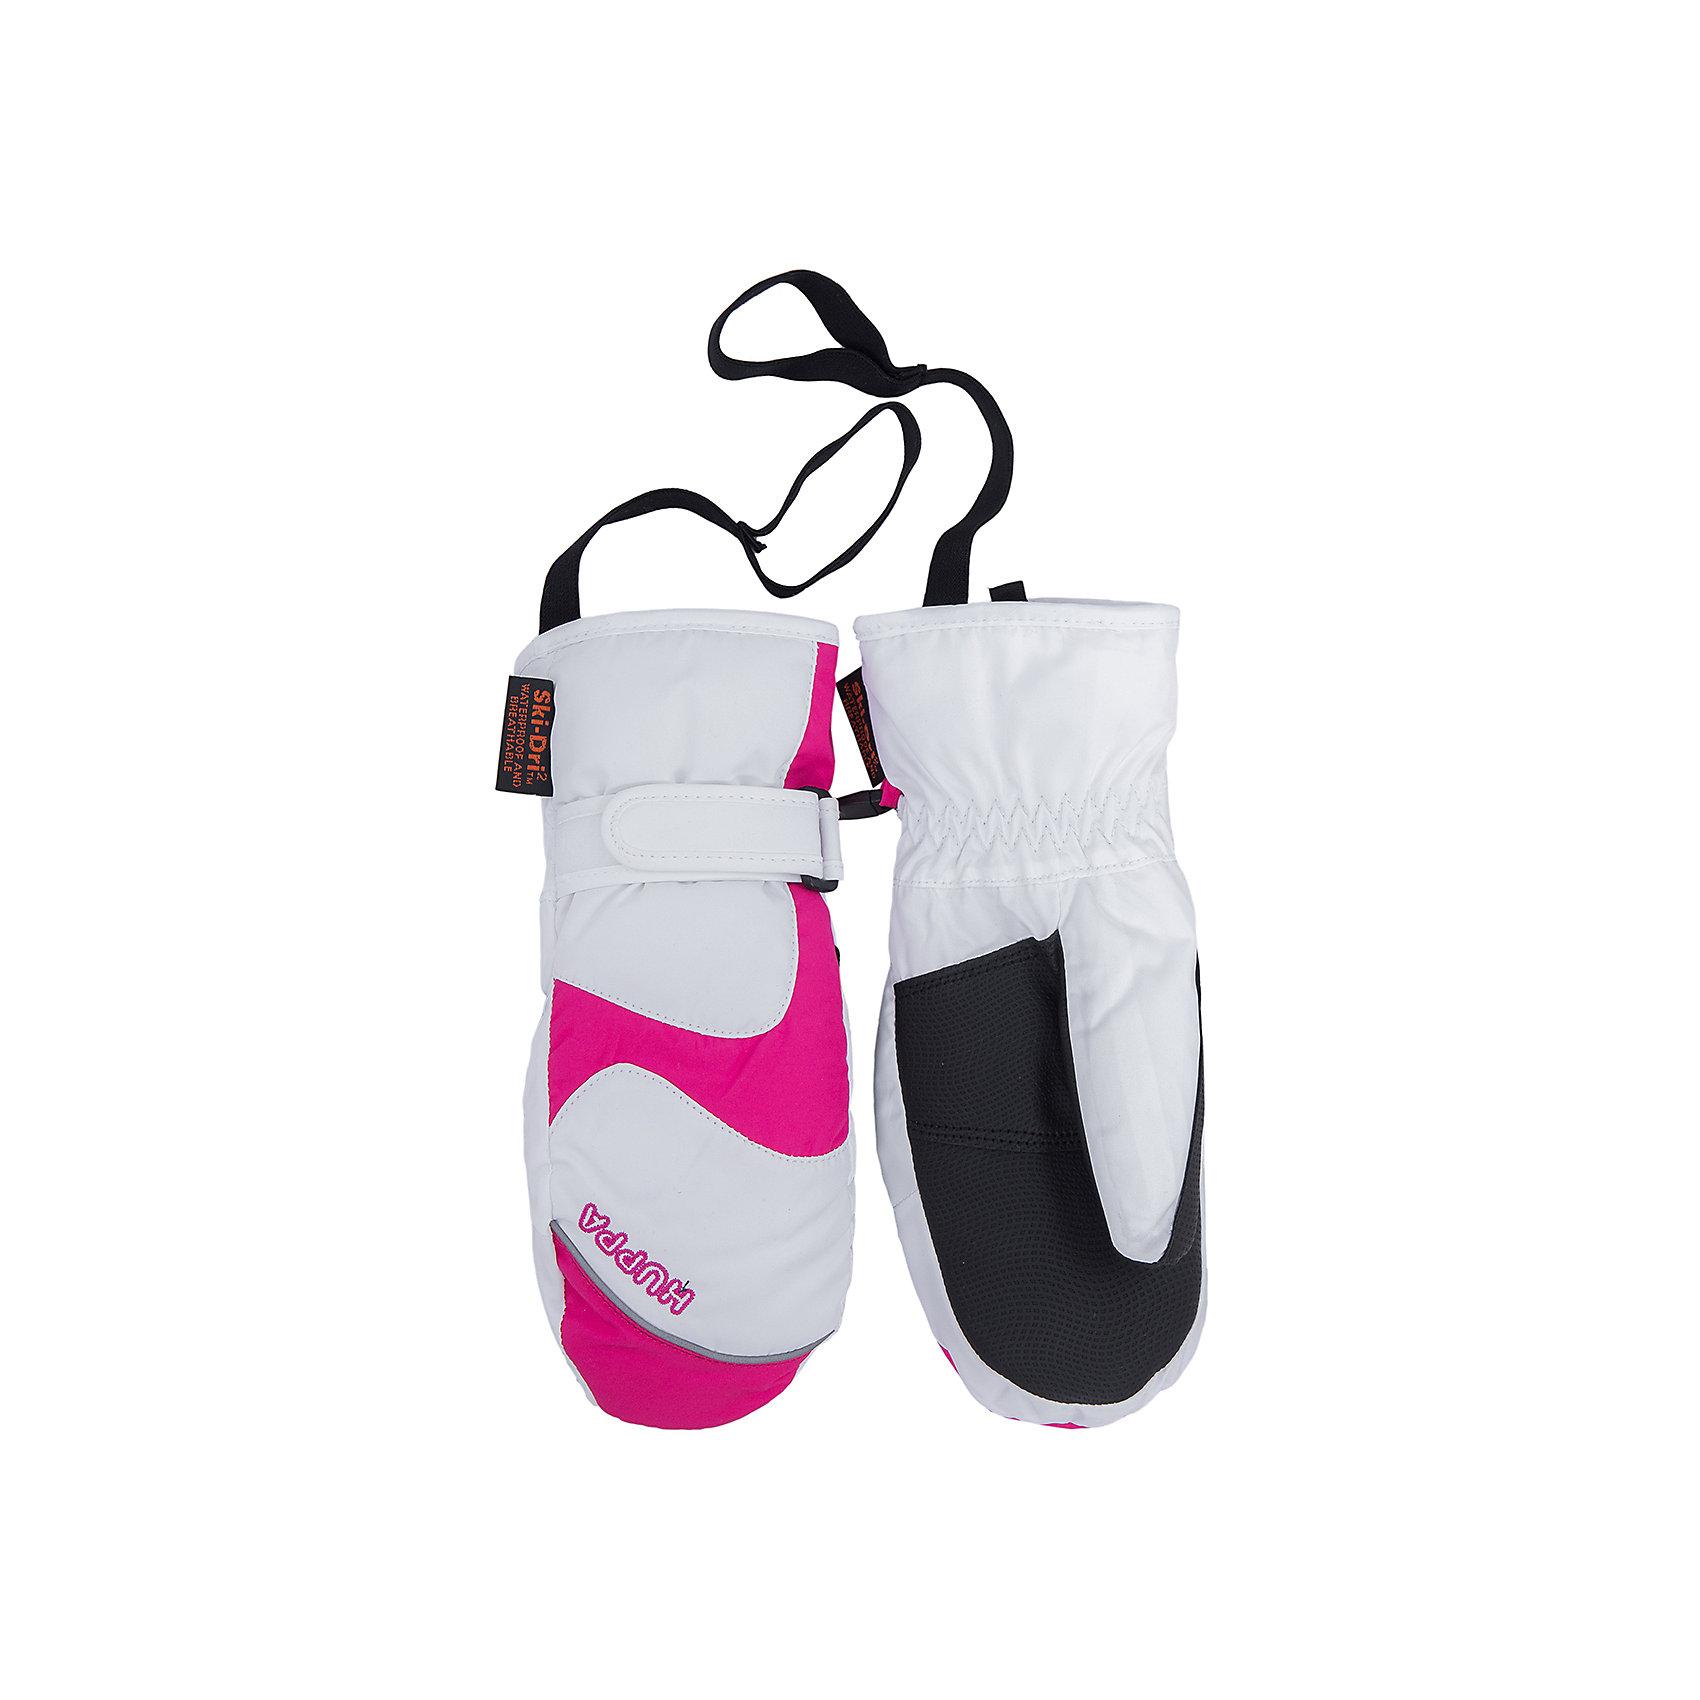 Huppa Варежки    Huppa варежки  перчатки и шарфы huppa варежки демисезонные nunnu 1